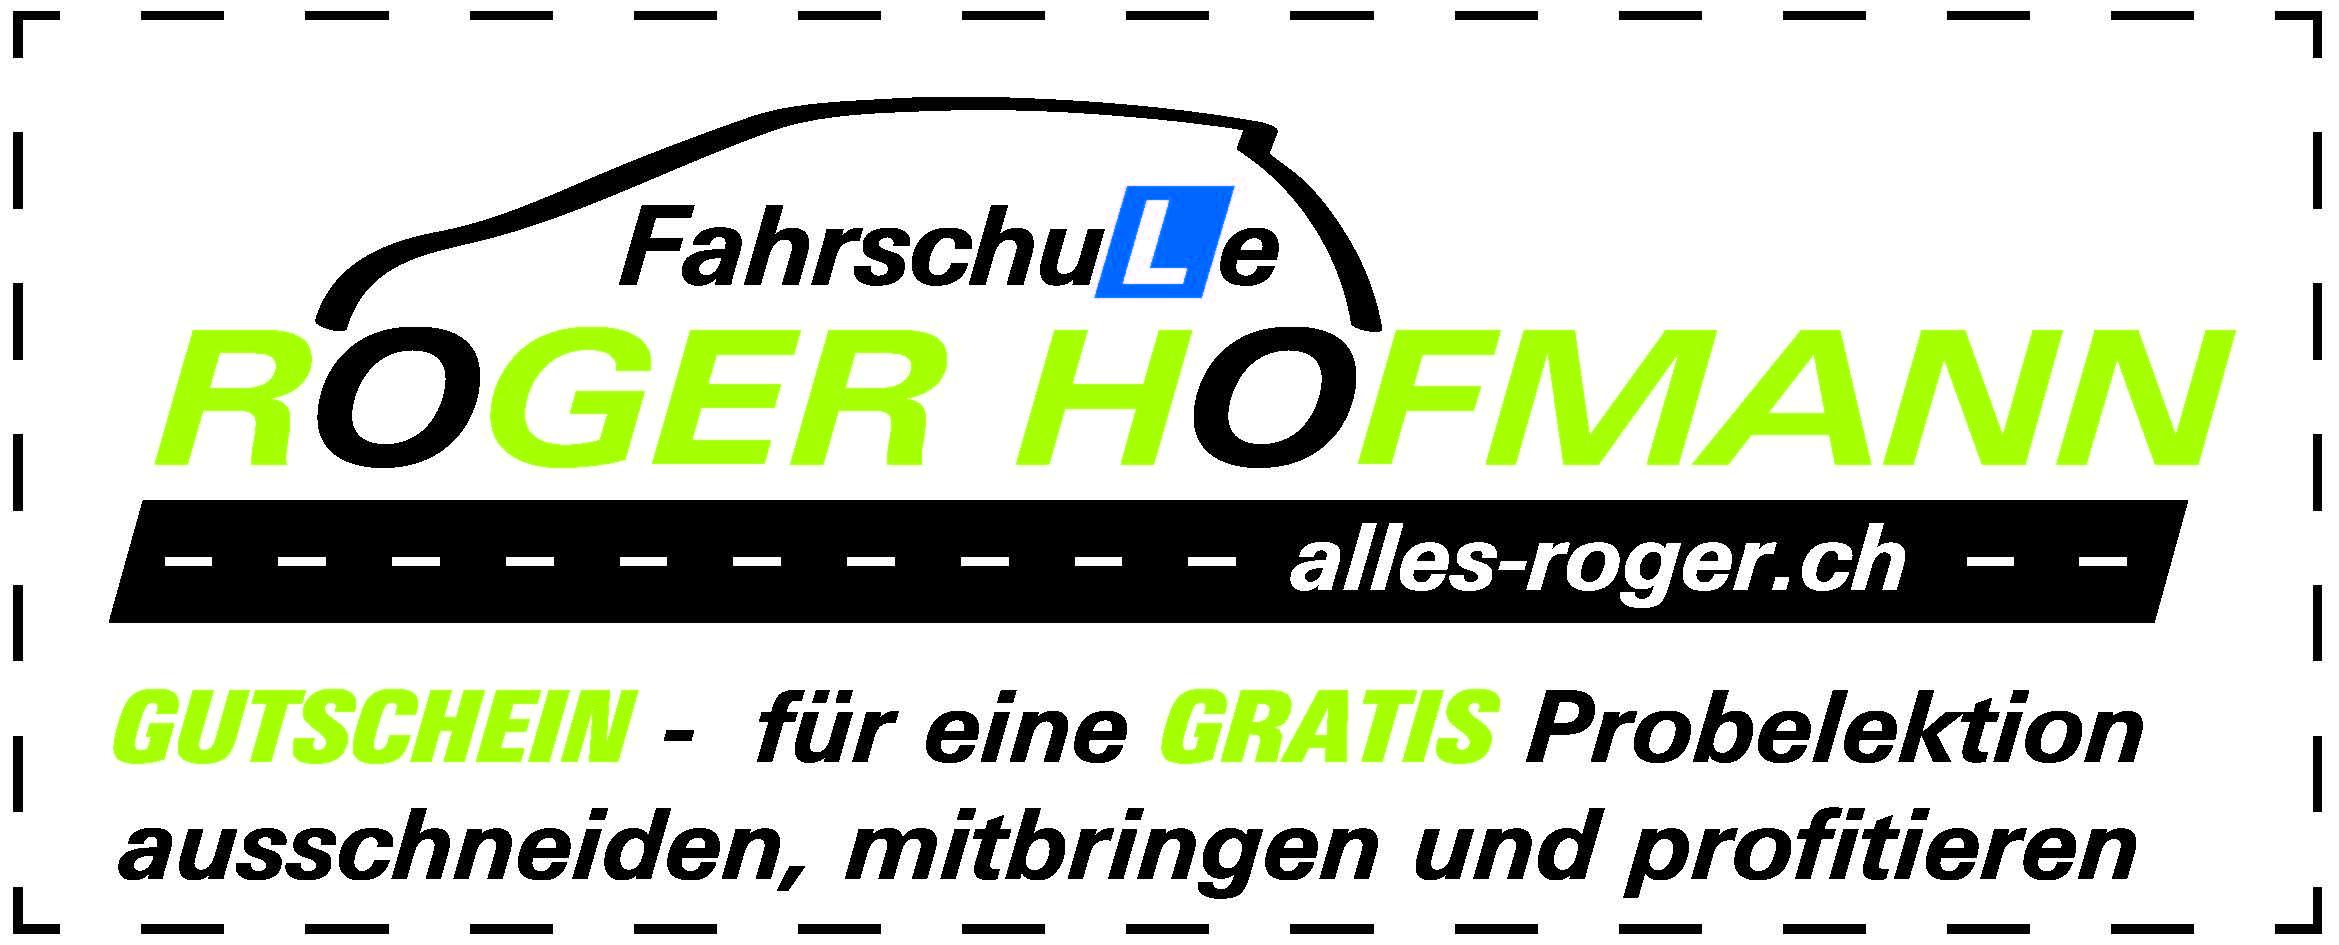 Bilder alles-roger.ch / Fahrschule Roger Hofmann